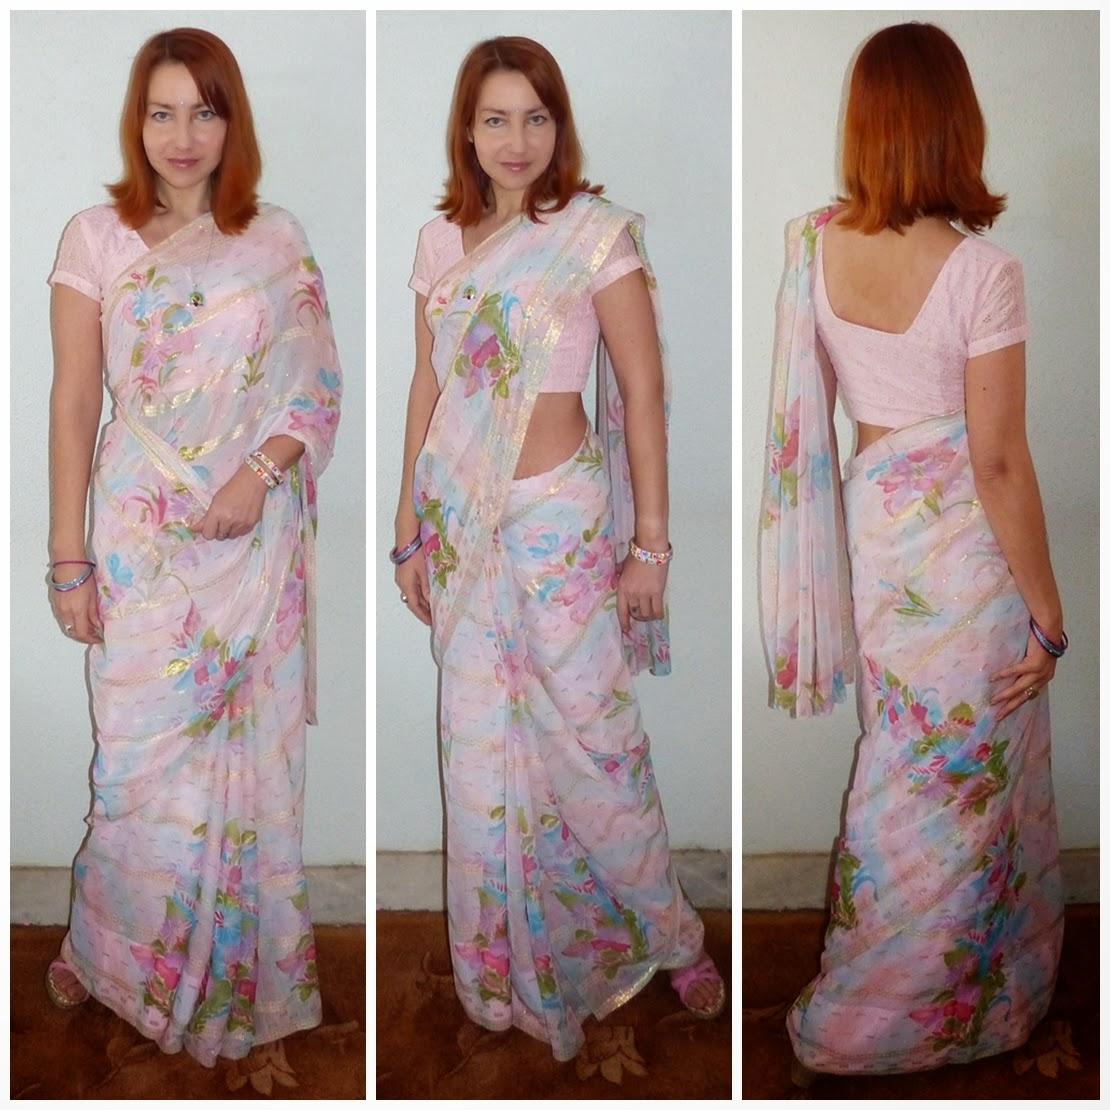 Pastel floral sari